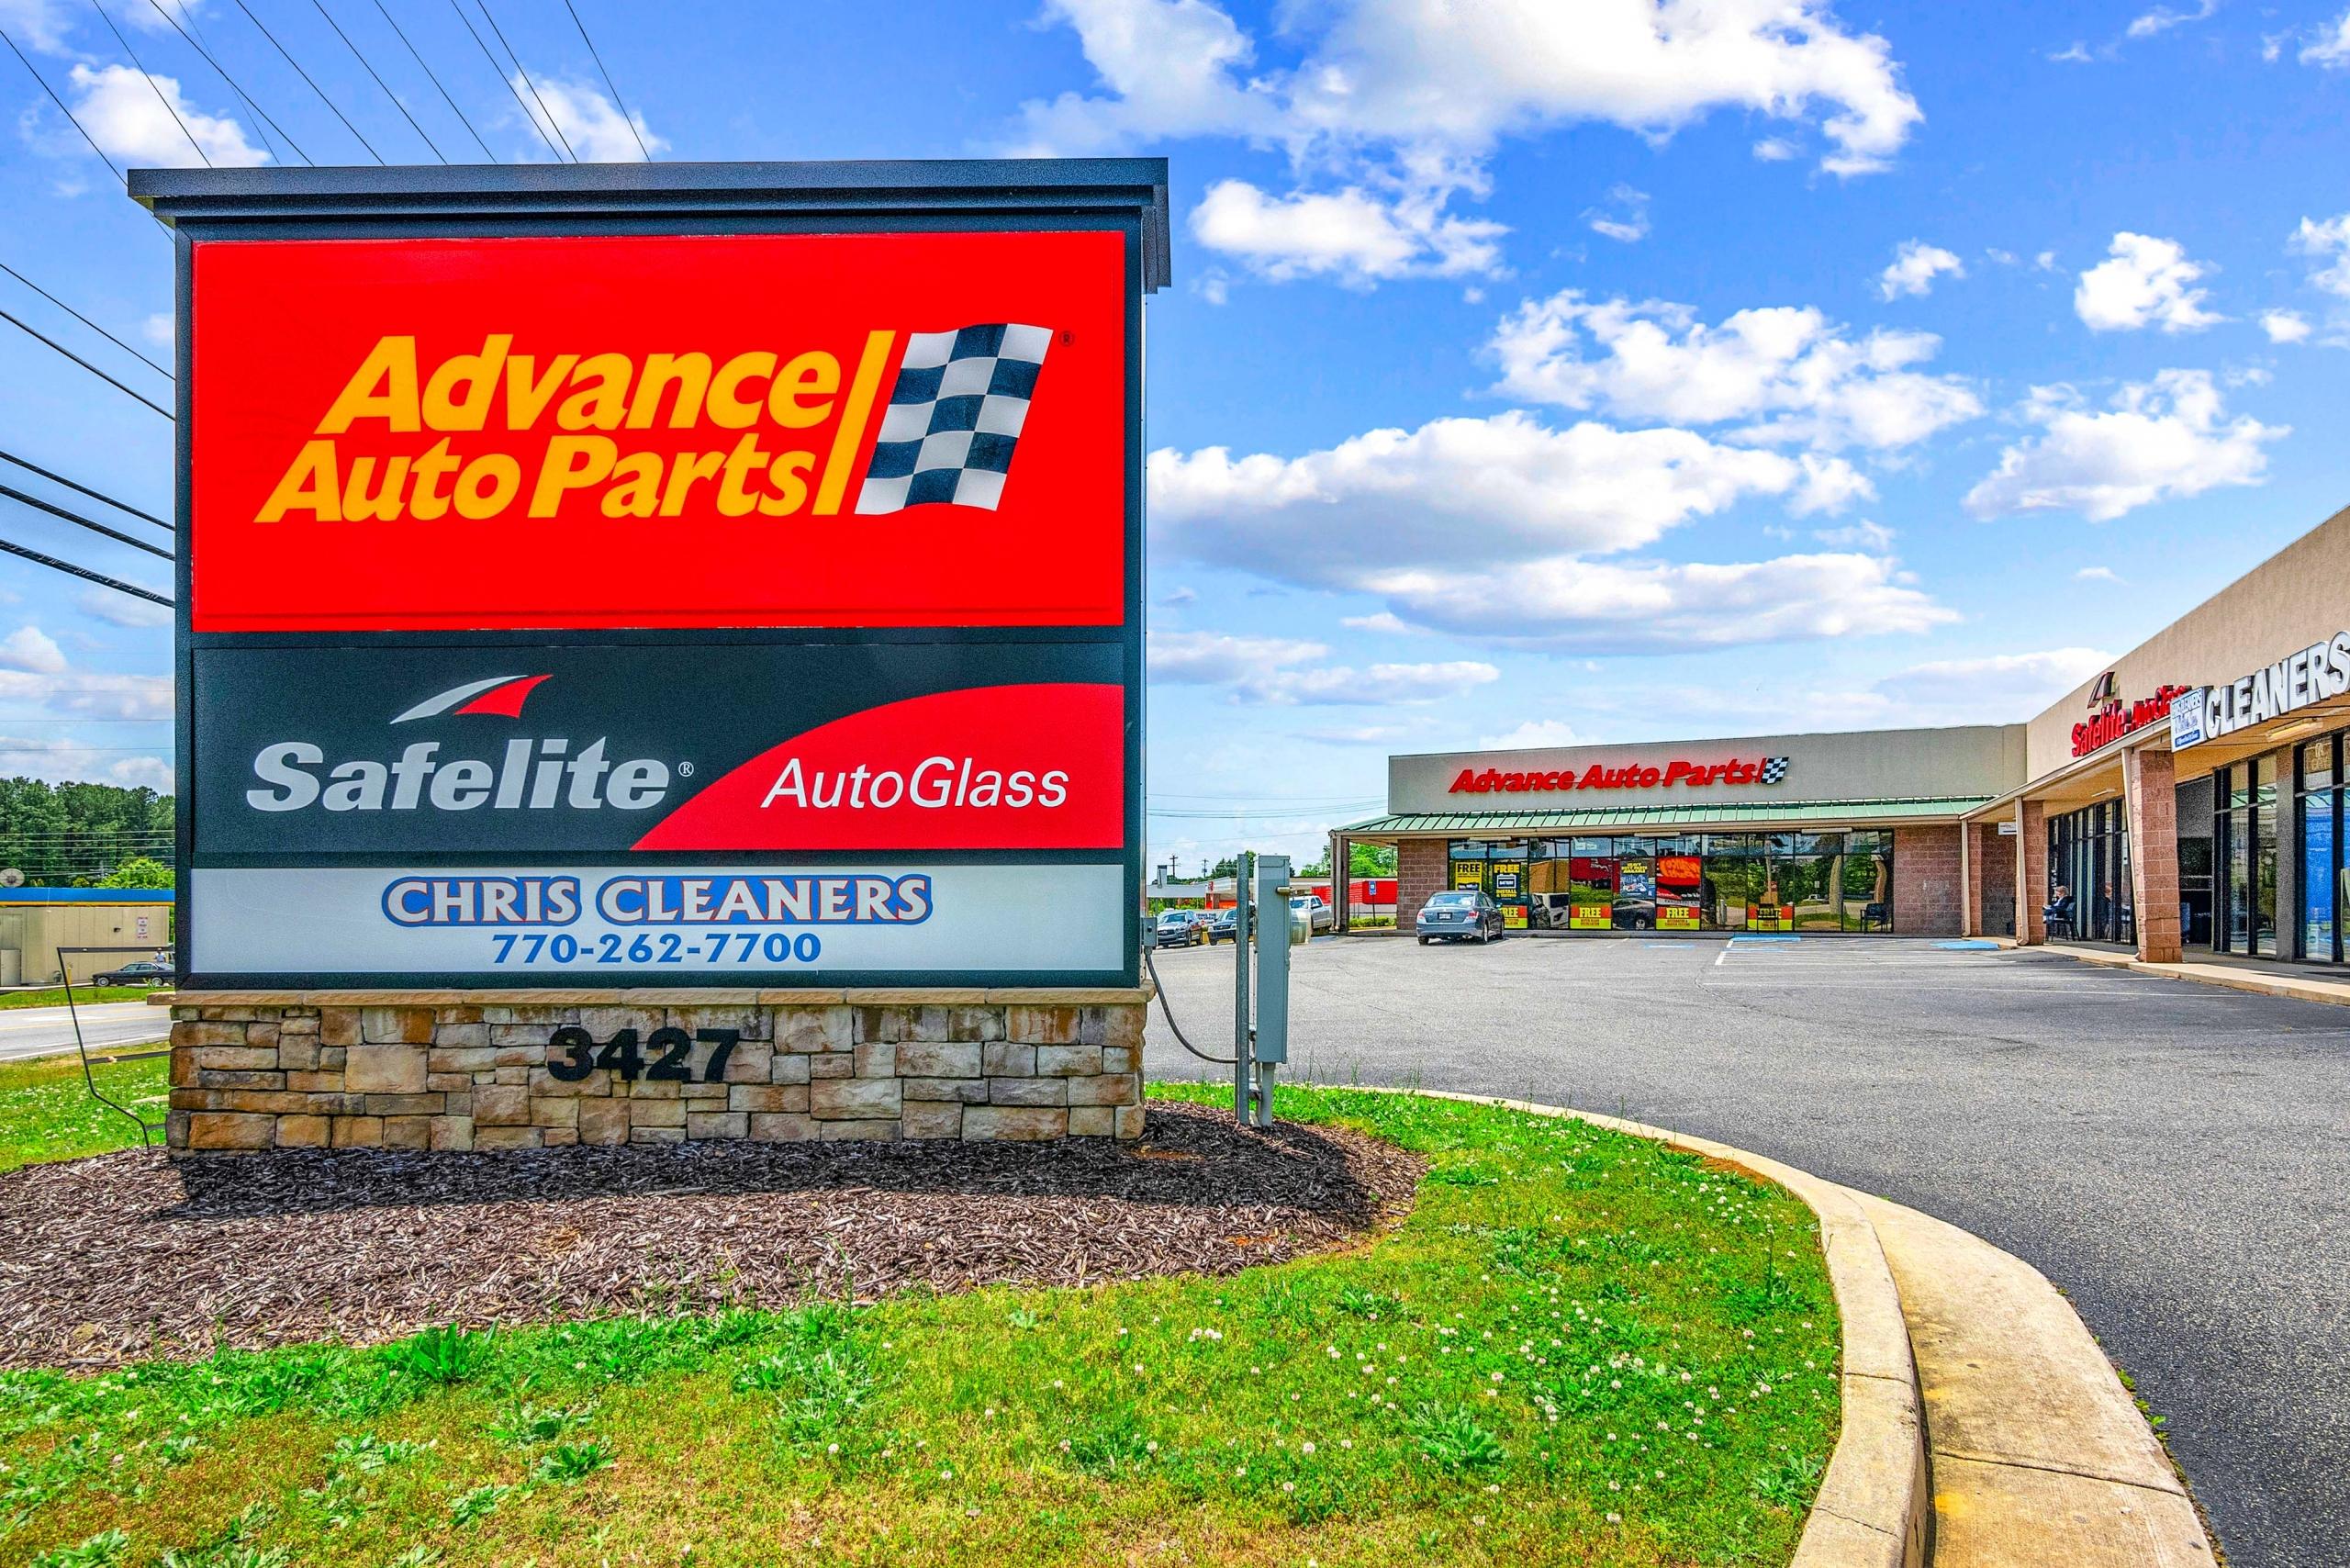 Seller | Advance Auto and Safelite Strip Center's testimonial